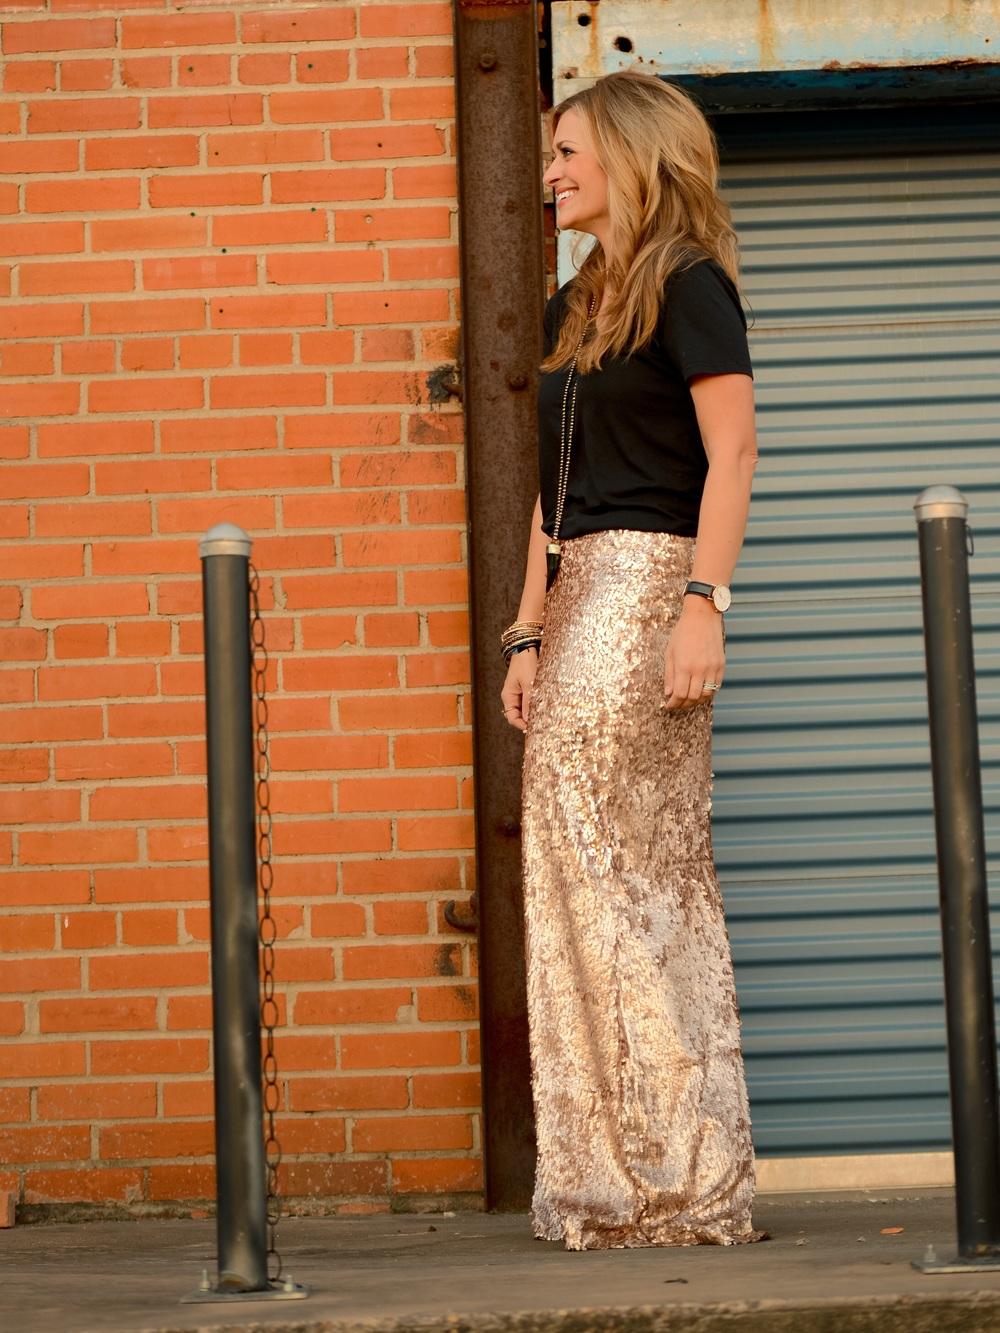 Tee:  Everlane  Bangles: Kendra Scott  here Necklace: Sterling Frasier  here Skirt: Love Alana Designs  here